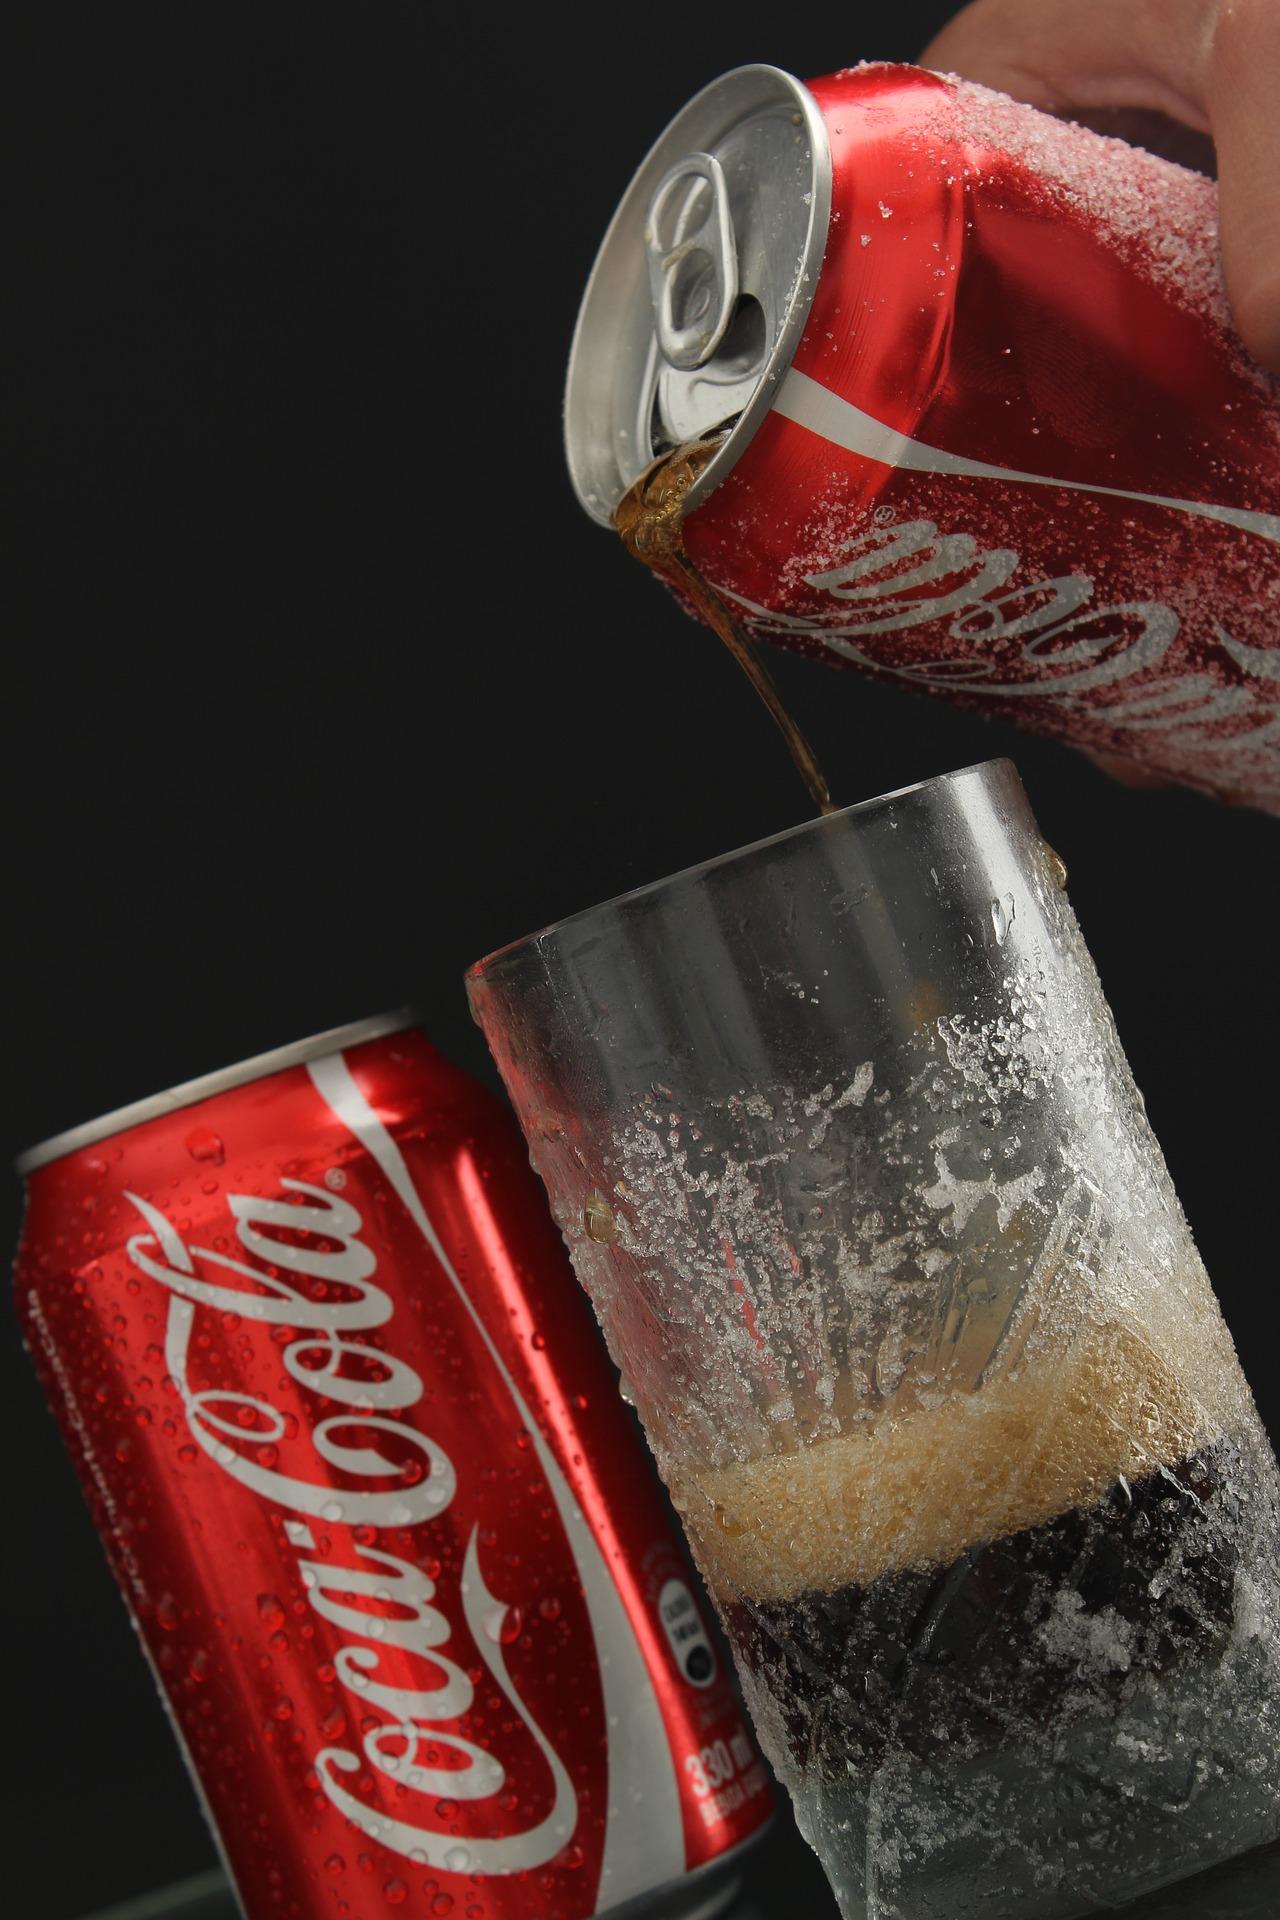 Action Coca-Cola